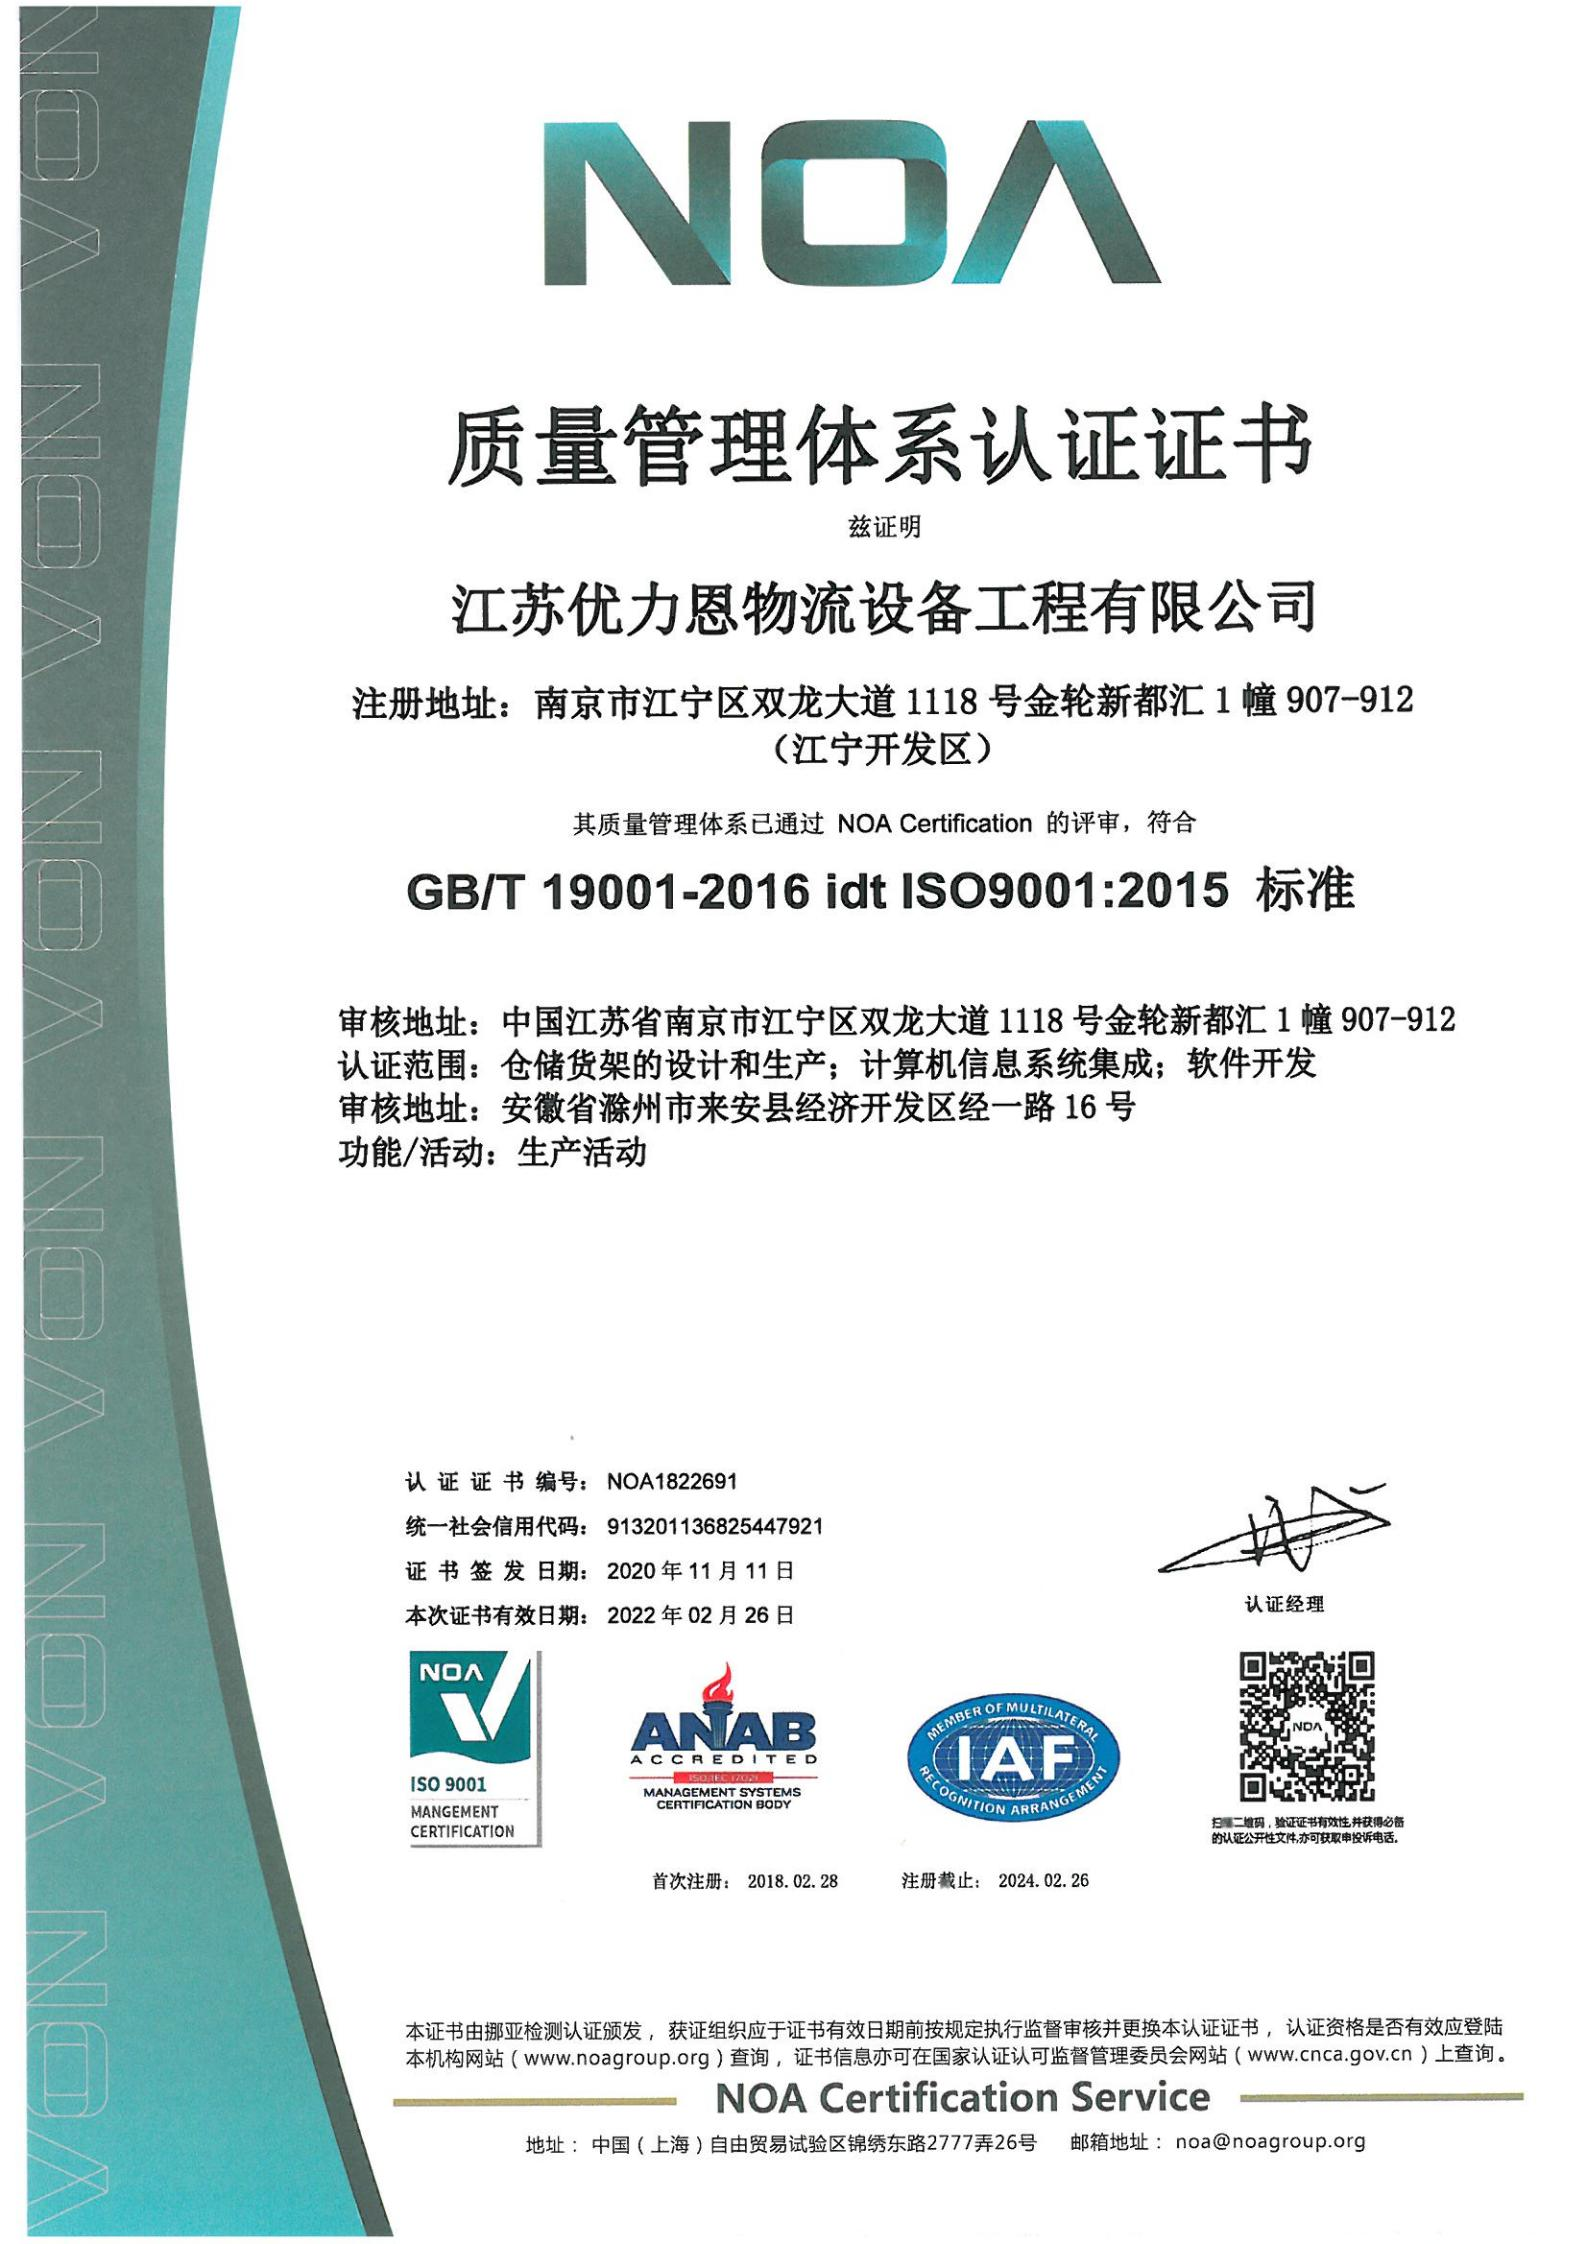 最新ISO體系證書